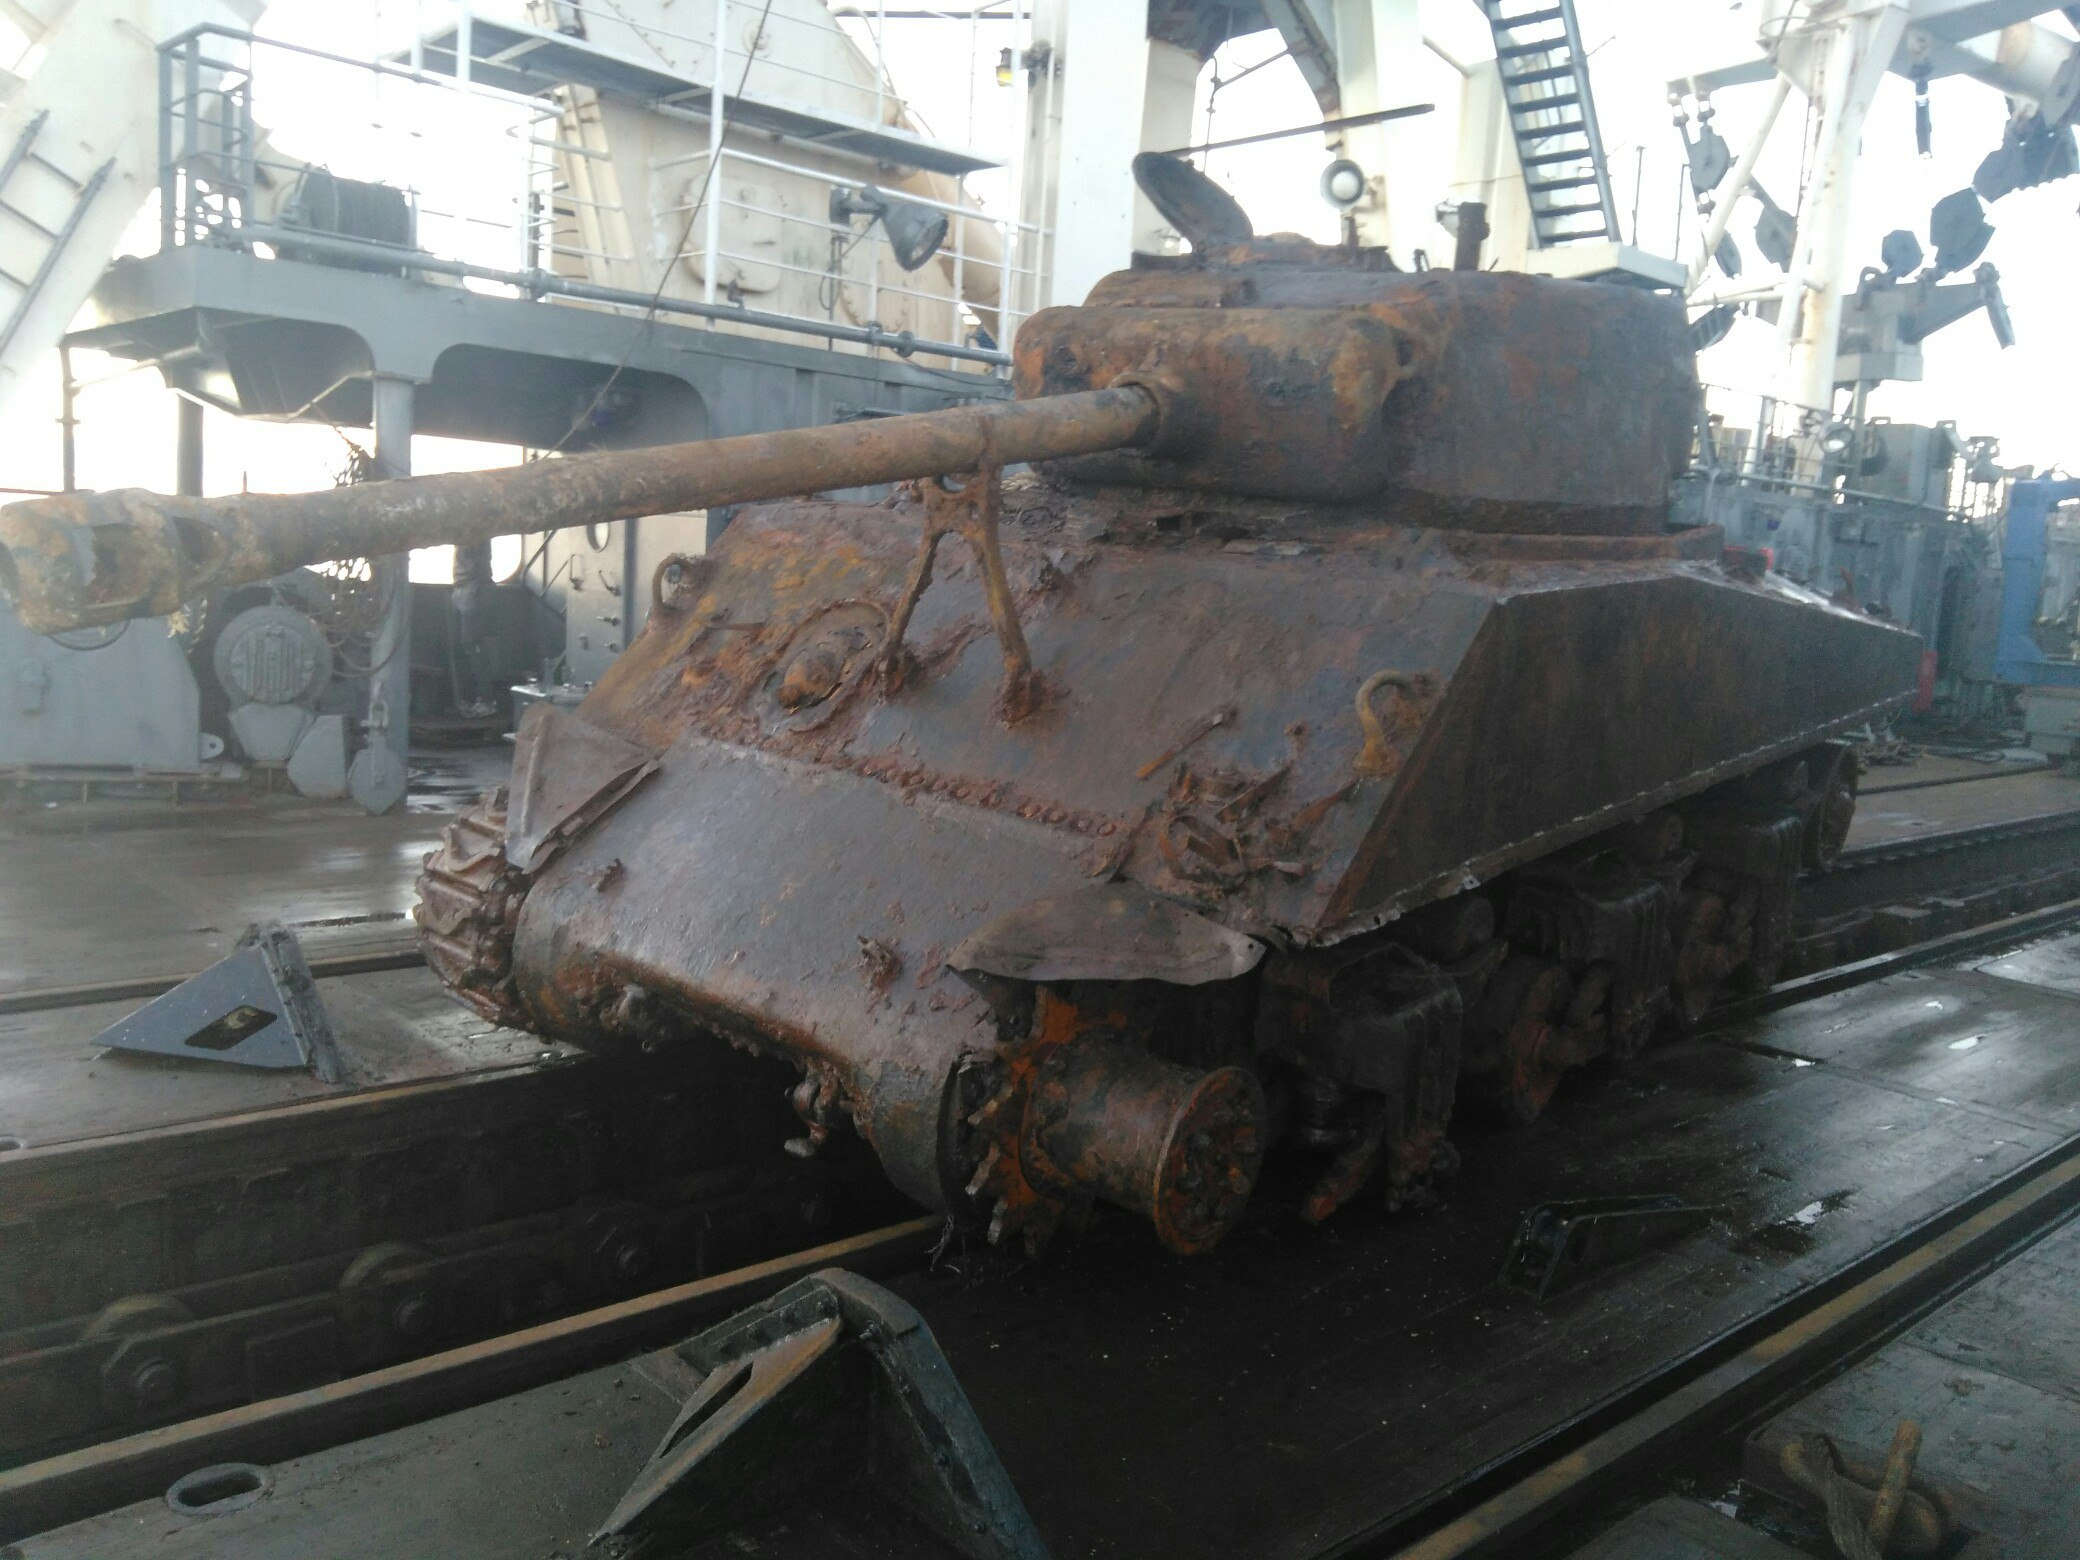 #32 Sunken Shermans: Shermans That The Nazis Sent To The ... Sunken Tank